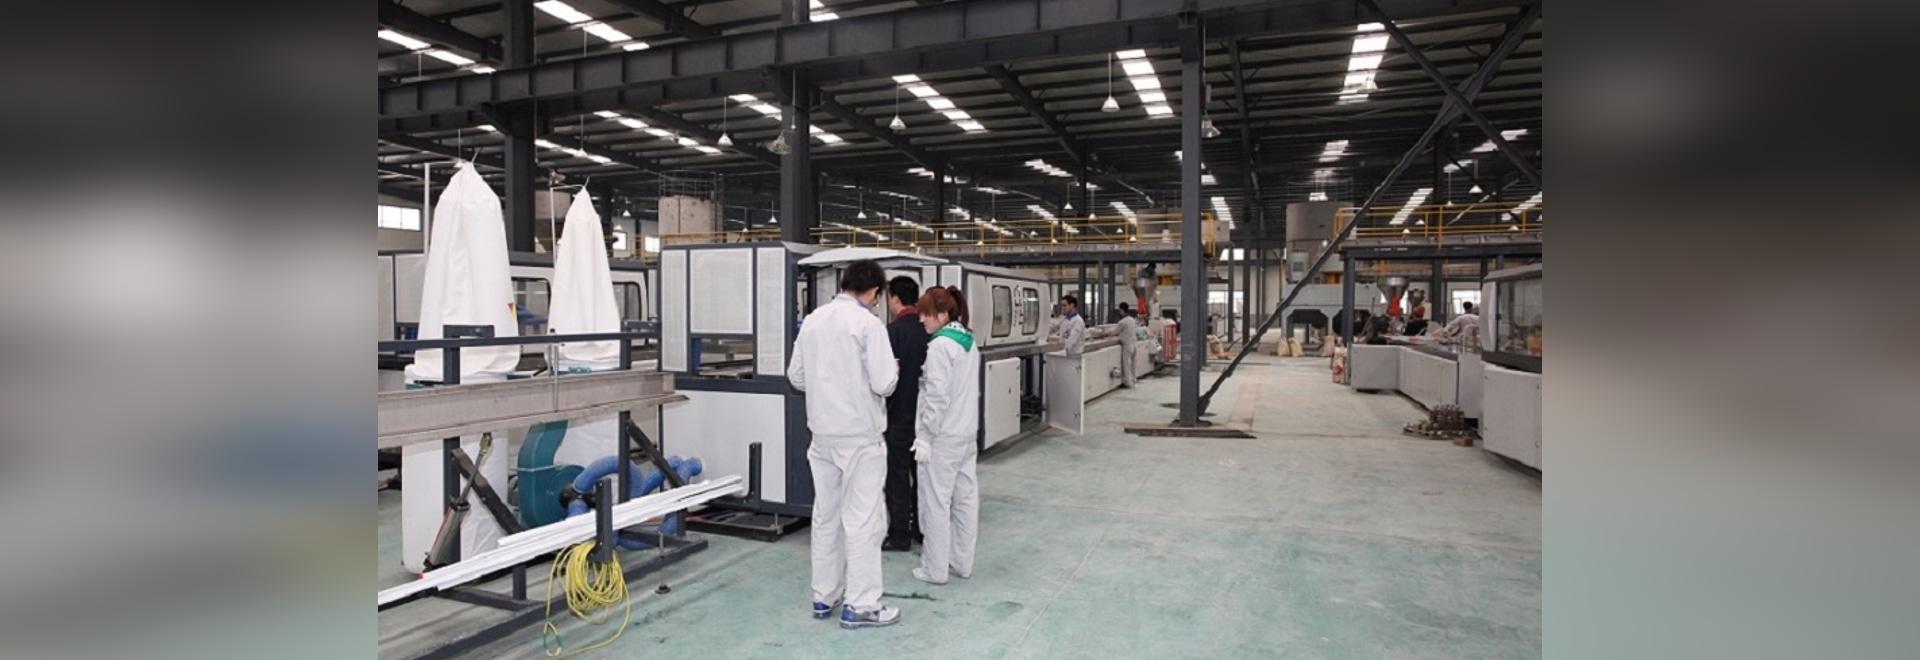 Chaîne de production de profil pour le profil de fenêtre de PVC, panneau de plafond, débourbage